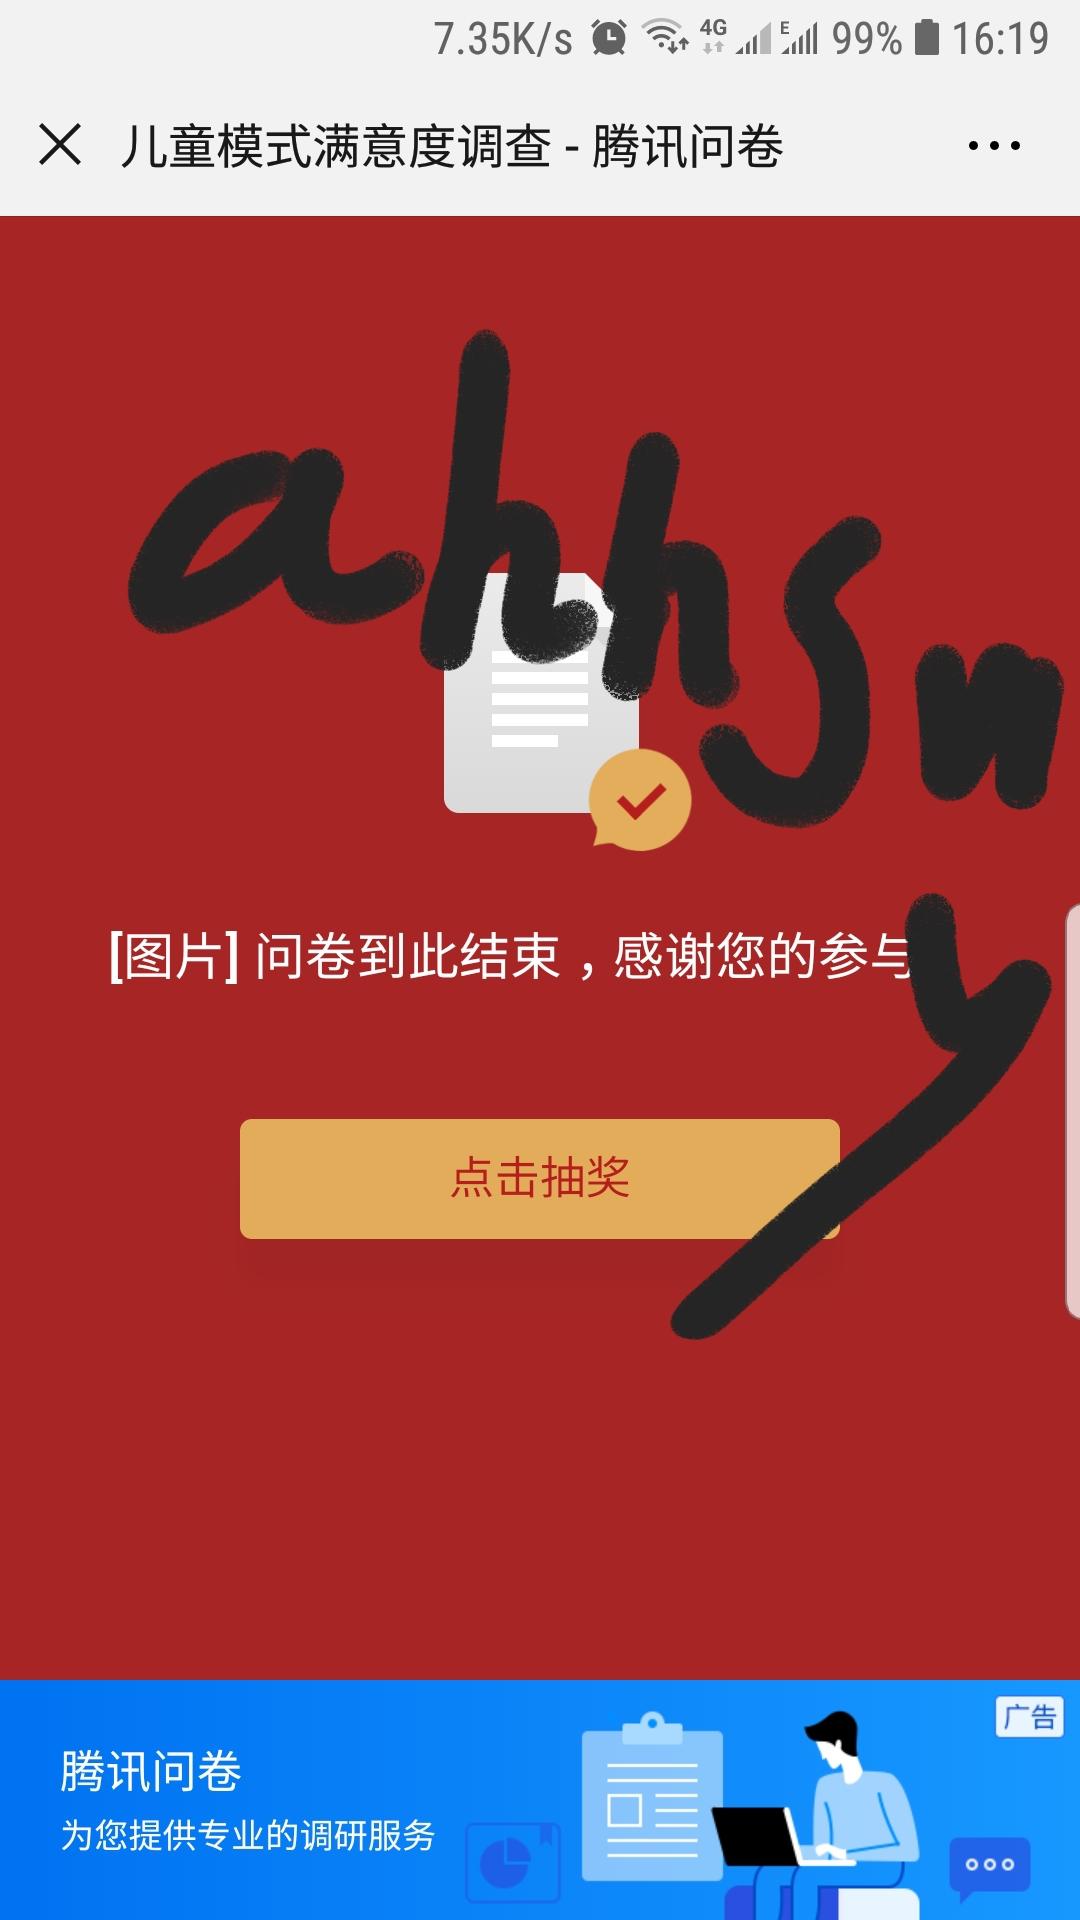 qqqqqqqqqqqqqqqqq12-162006_WeChat.jpg